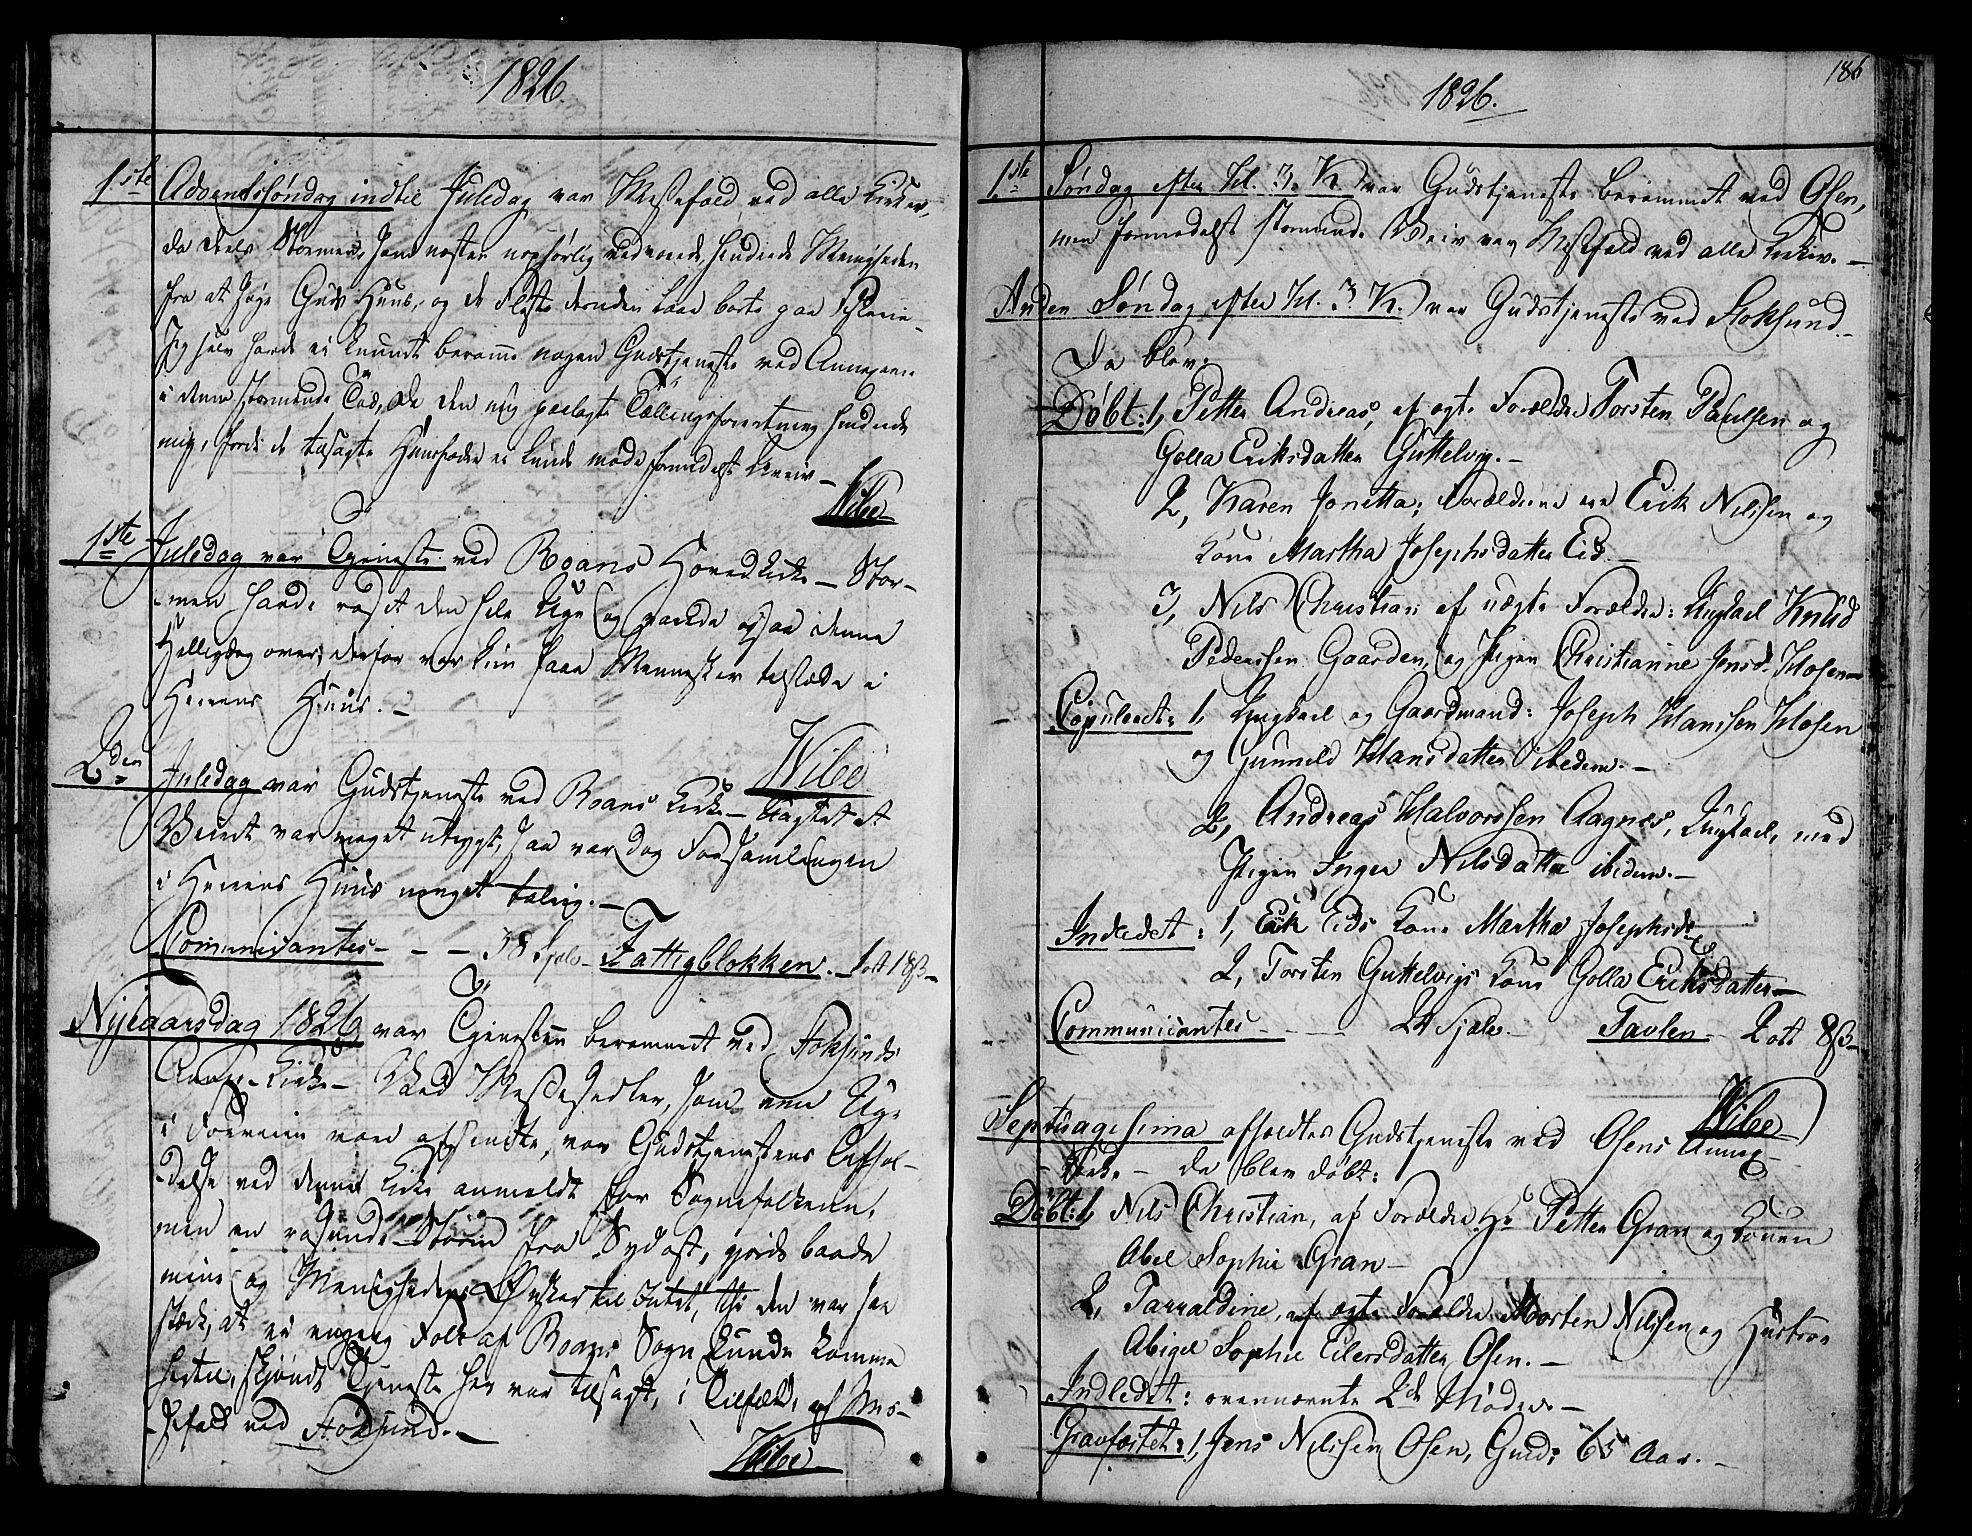 SAT, Ministerialprotokoller, klokkerbøker og fødselsregistre - Sør-Trøndelag, 657/L0701: Ministerialbok nr. 657A02, 1802-1831, s. 186